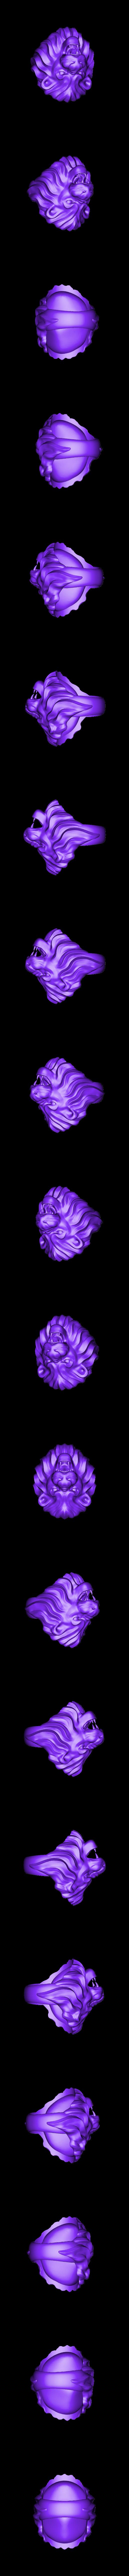 Lion ring man ring jewelry.stl Télécharger fichier STL gratuit Bague de lion Bijoux d'homme • Modèle pour imprimante 3D, Cadagency